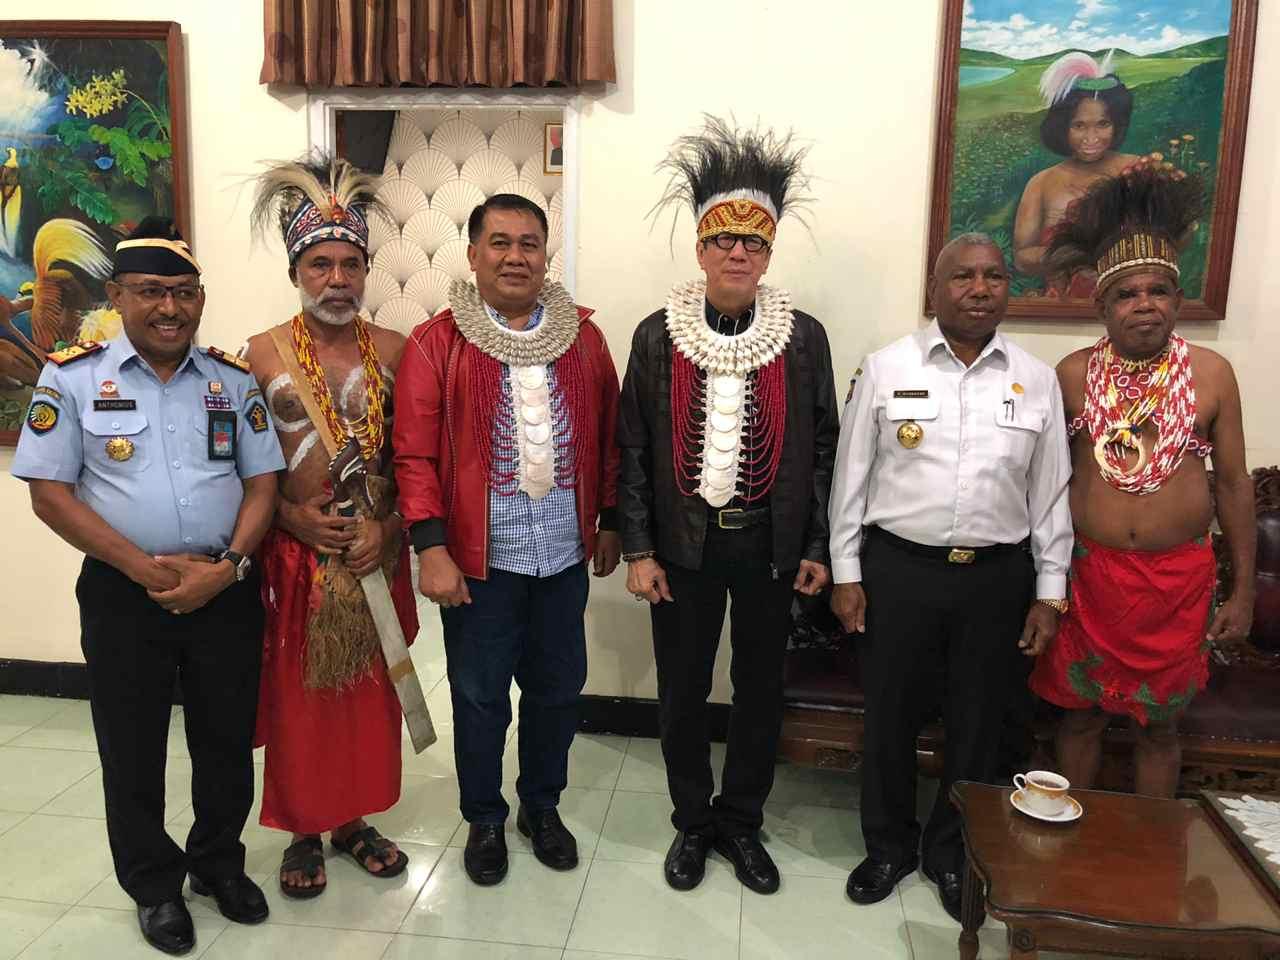 Kunjungan Papua Barat